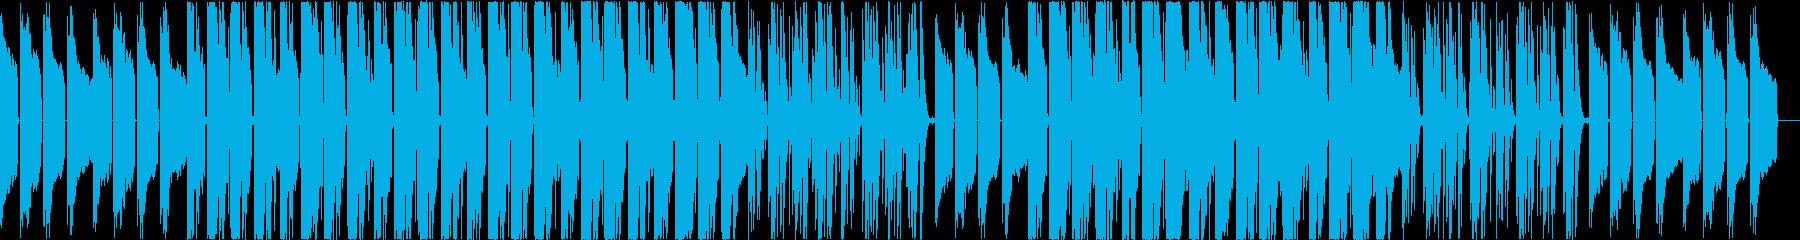 スイートでラブラブでキャッキャウフフな曲の再生済みの波形